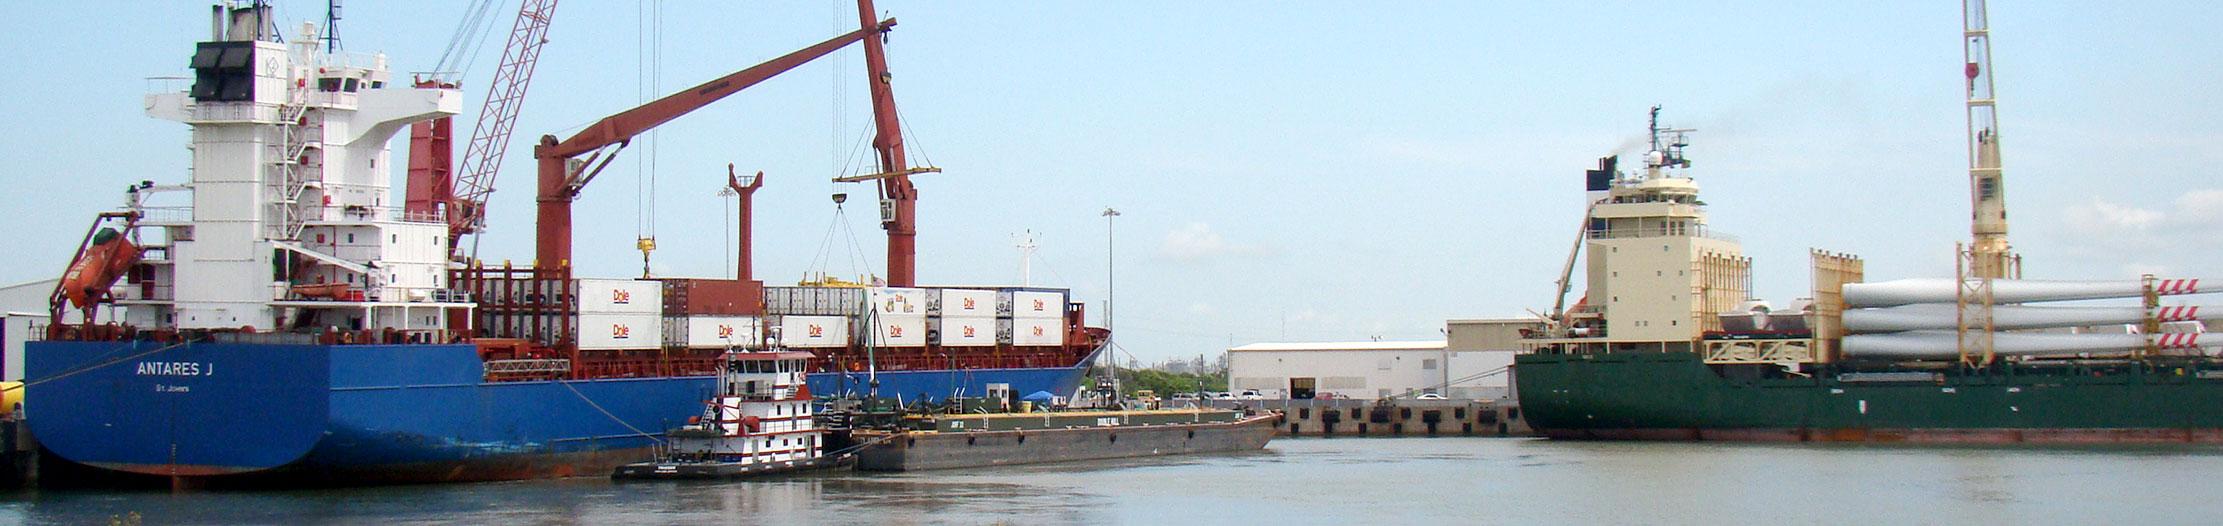 port tariffs & Regulations